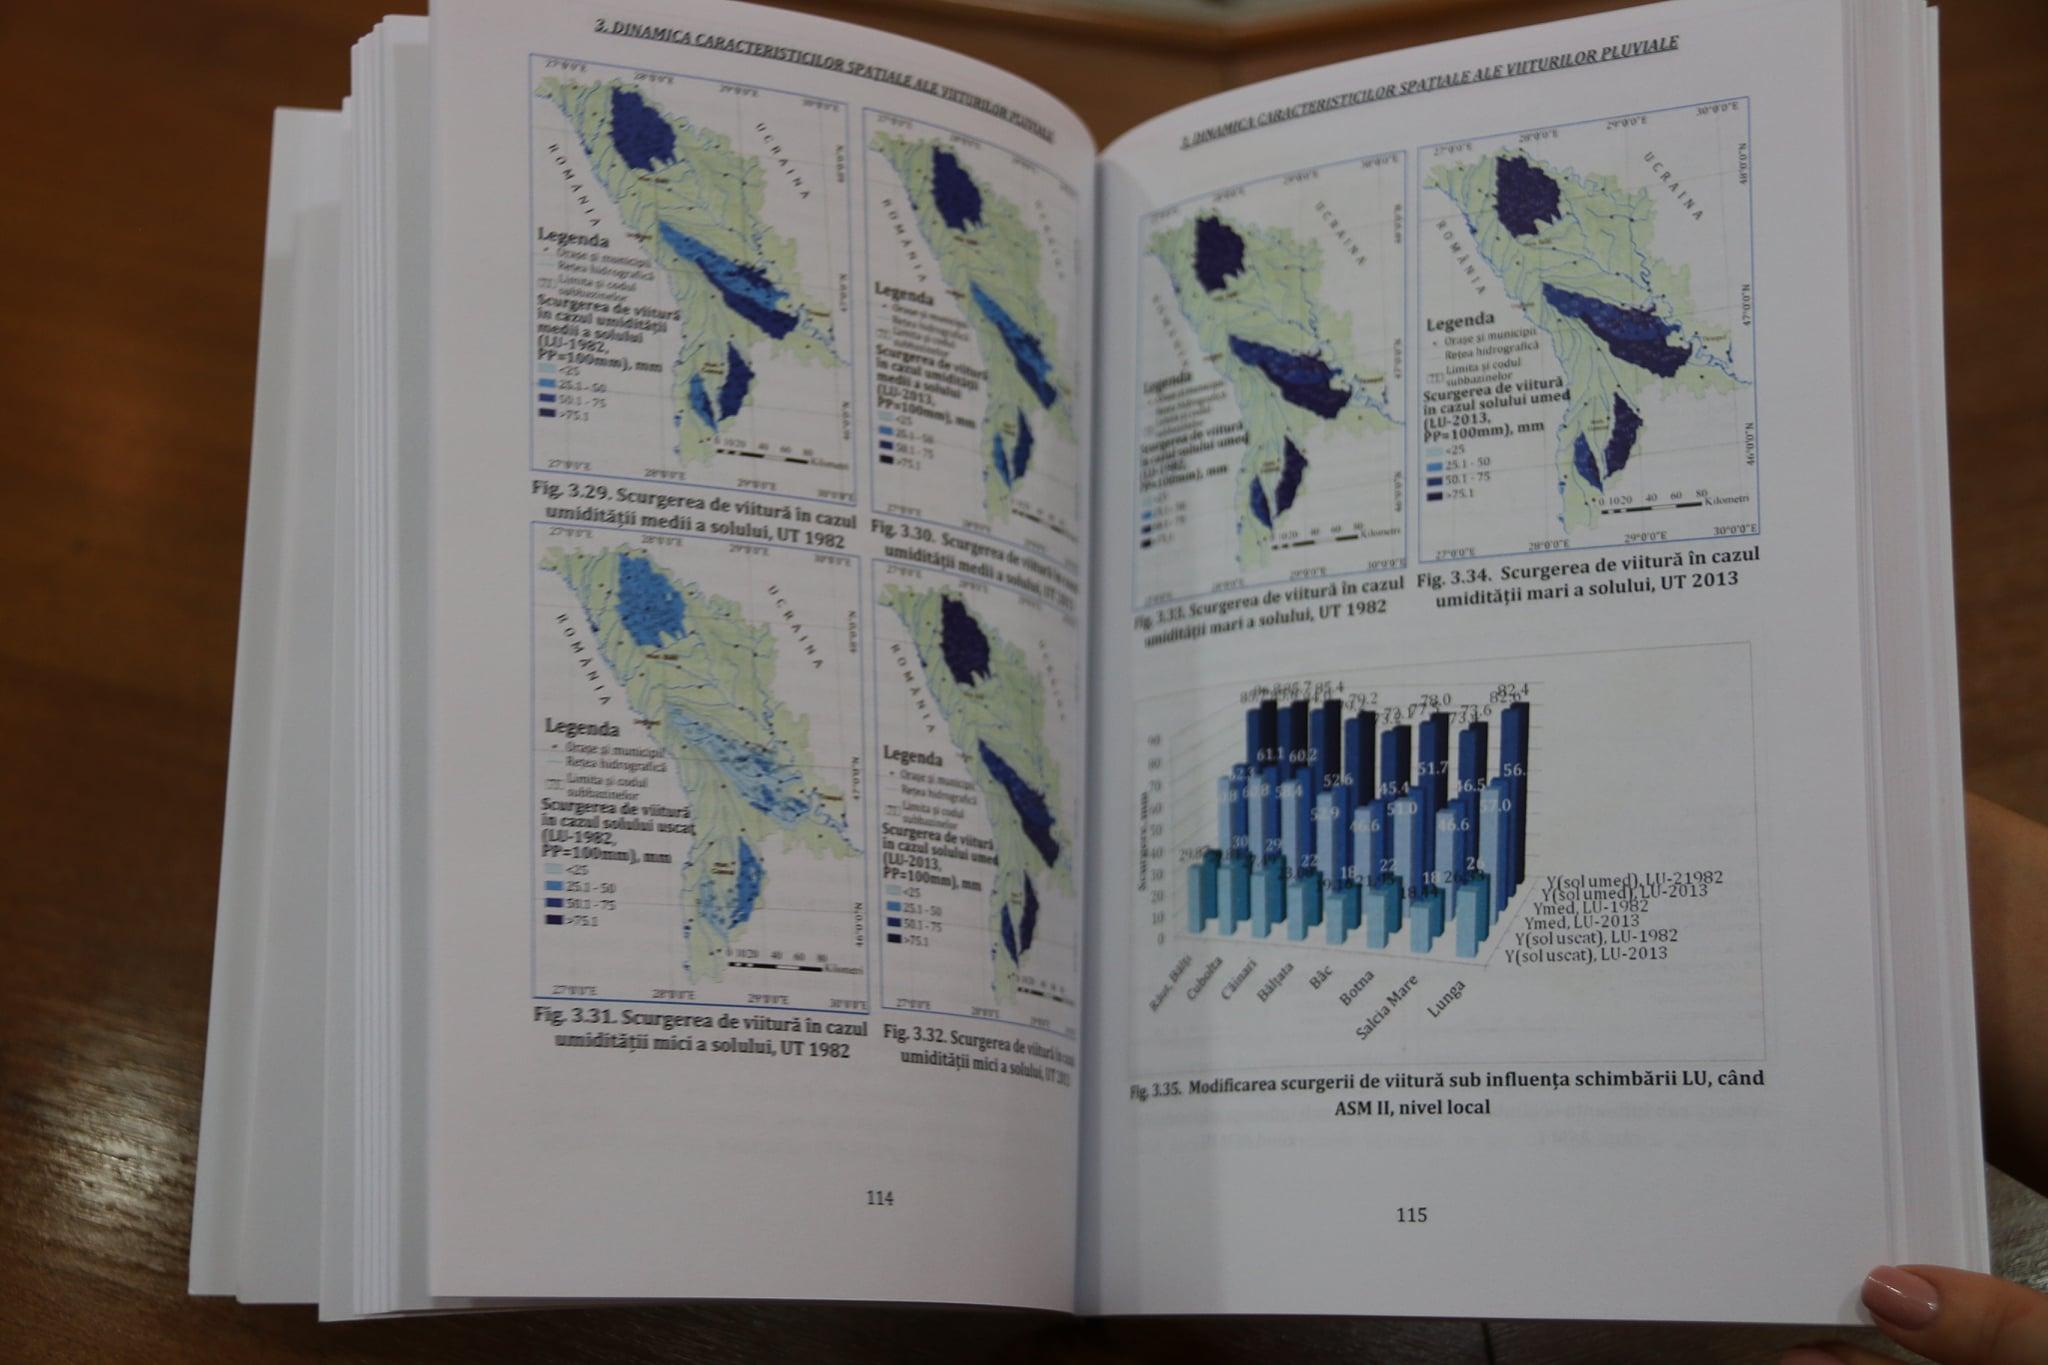 MADRM // Studiu cu referire la viiturile pluviale în ...